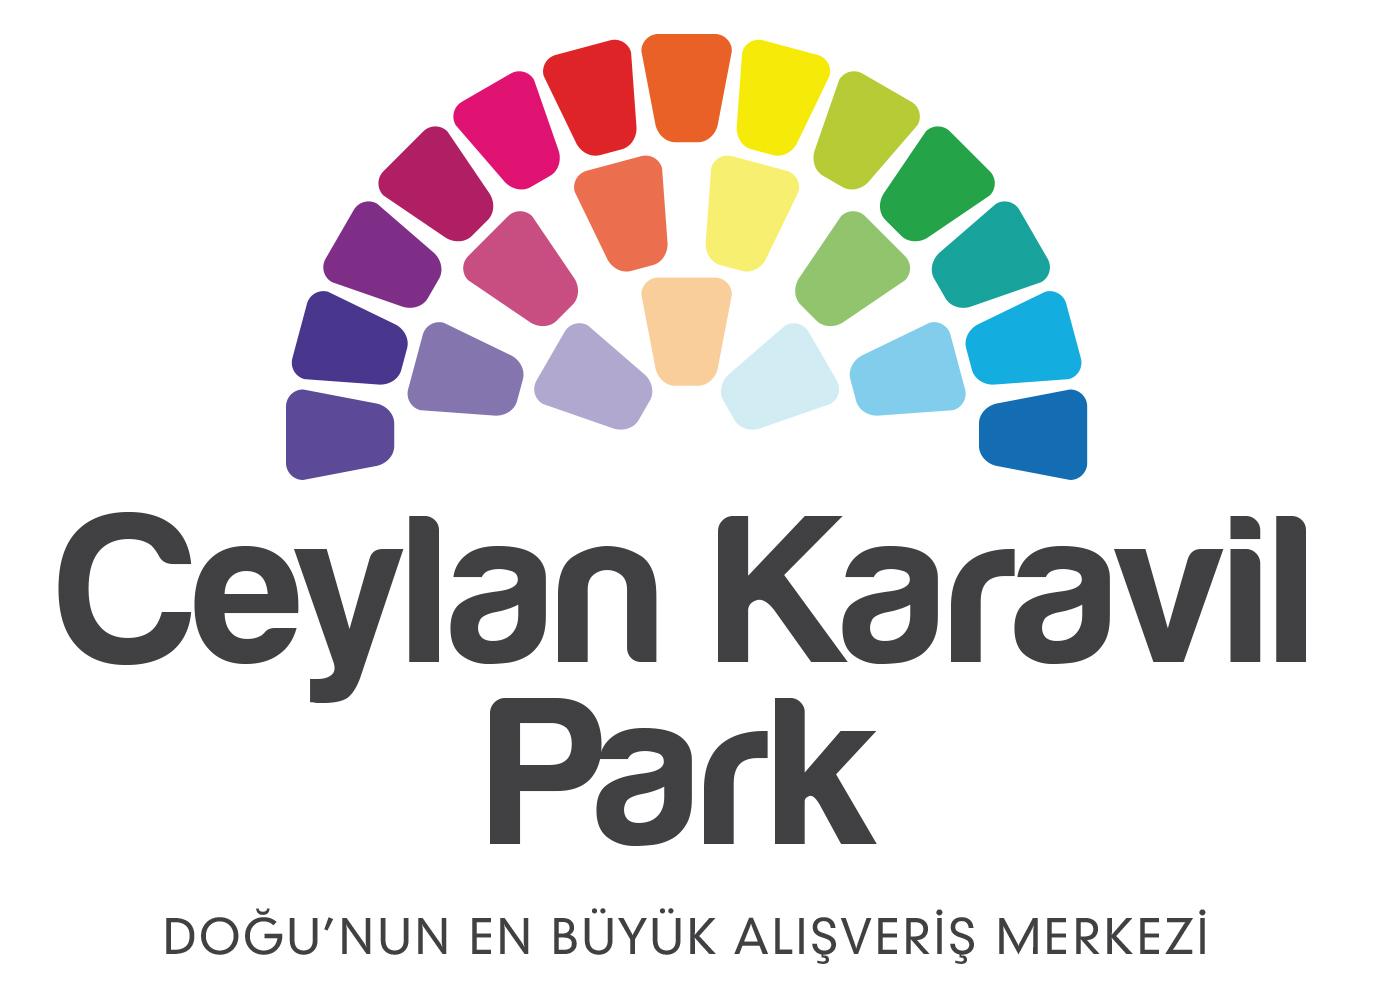 Ceylan Karavil